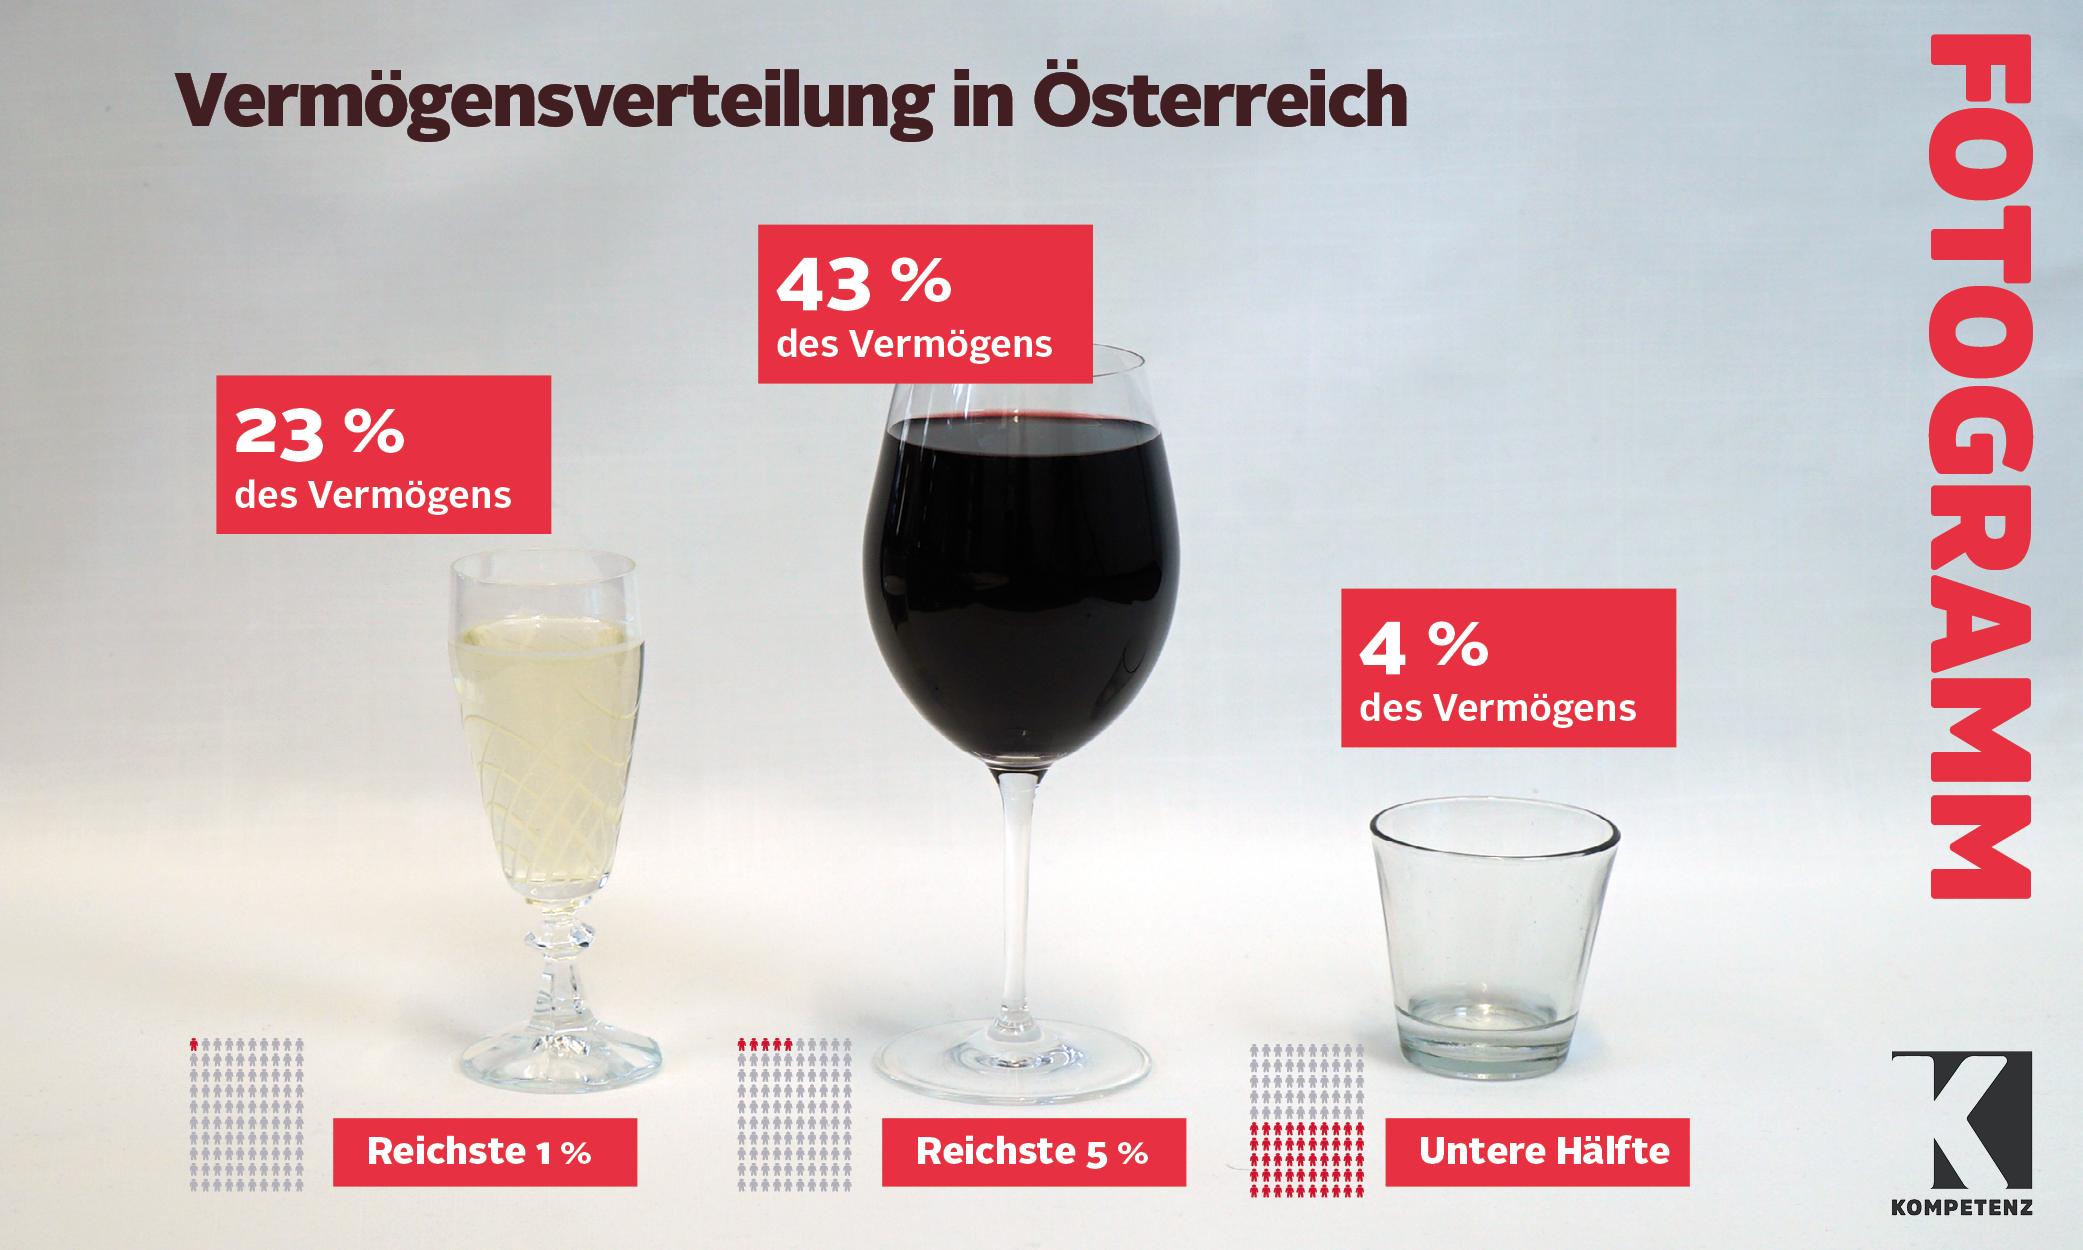 Grafik: Vermögensverteilung in Österreich